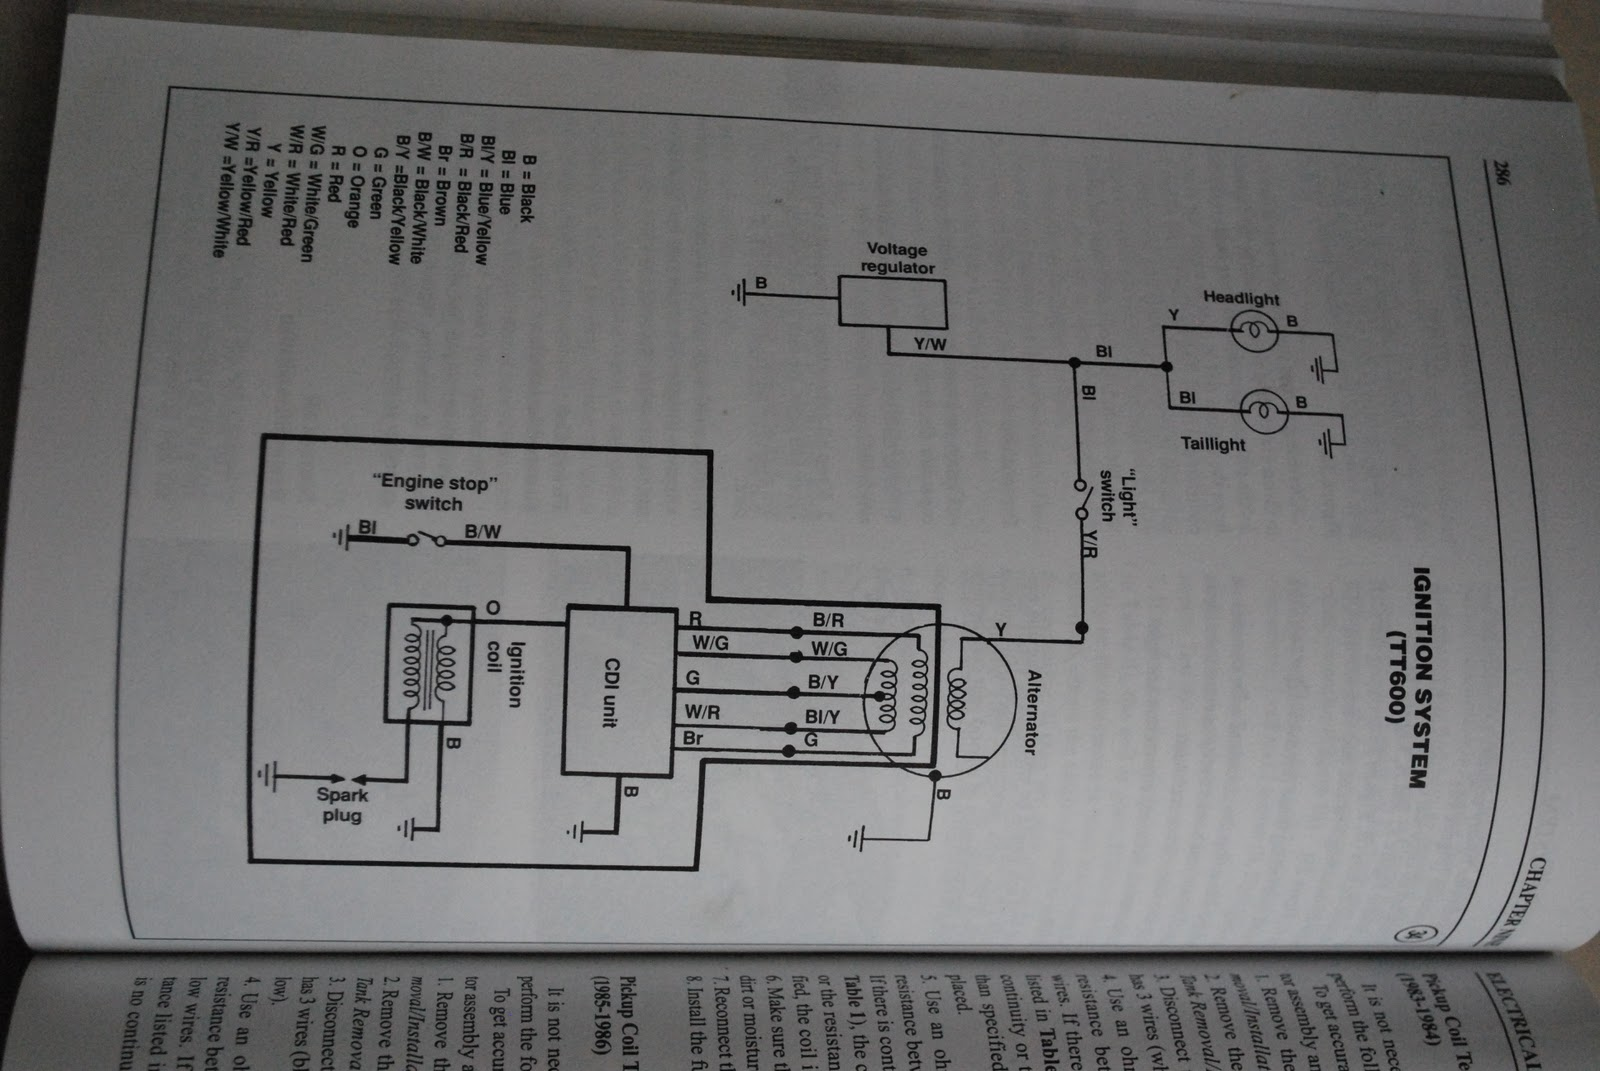 drz 400 wiring diagram drz get free image about wiring 2005 suzuki drz 125 2001 suzuki drz 125 [ 1600 x 1071 Pixel ]